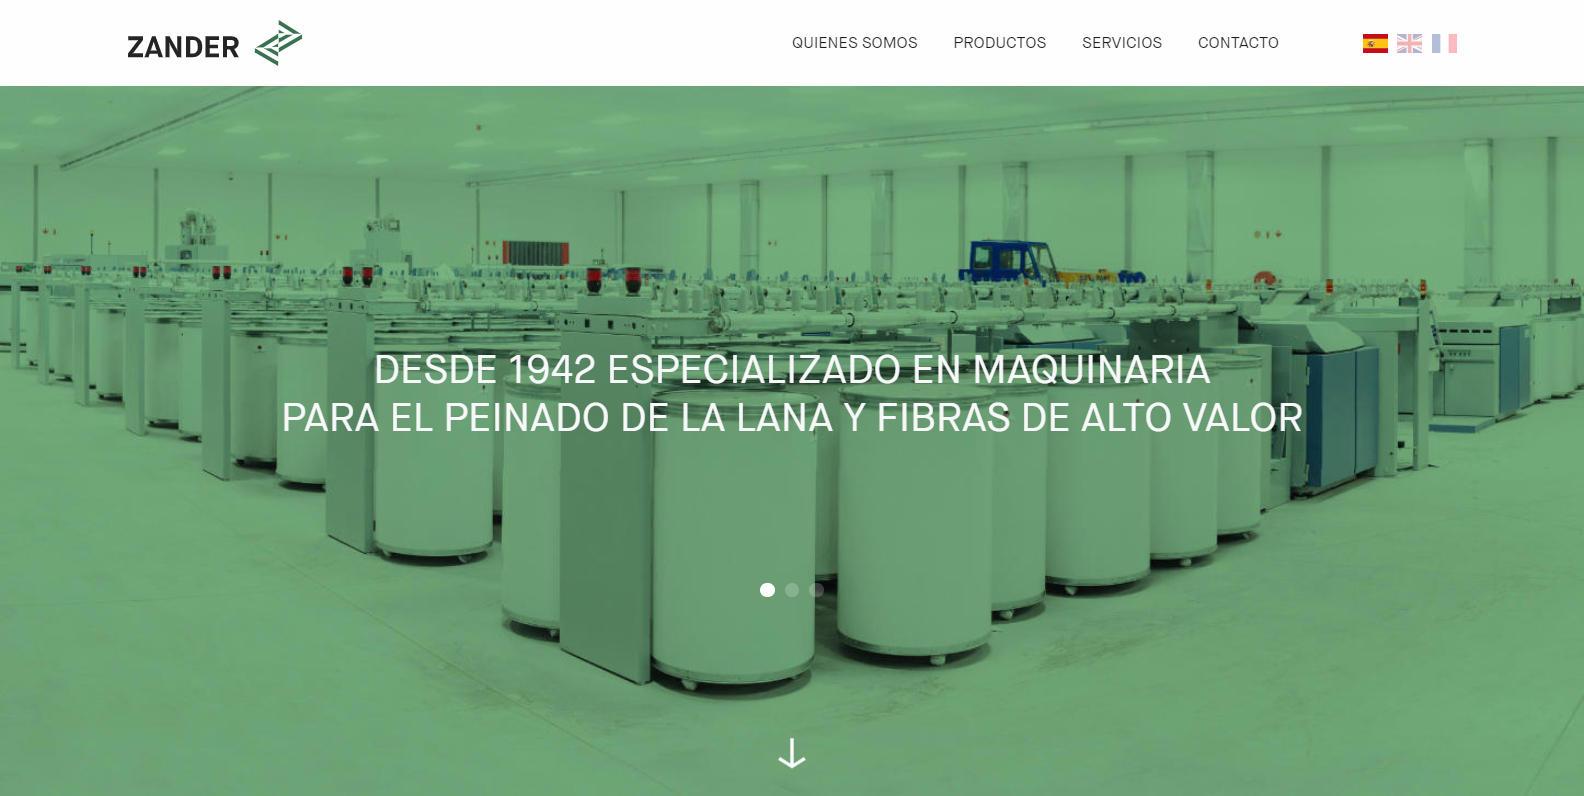 ZANDER - maquinaria para la industria textil